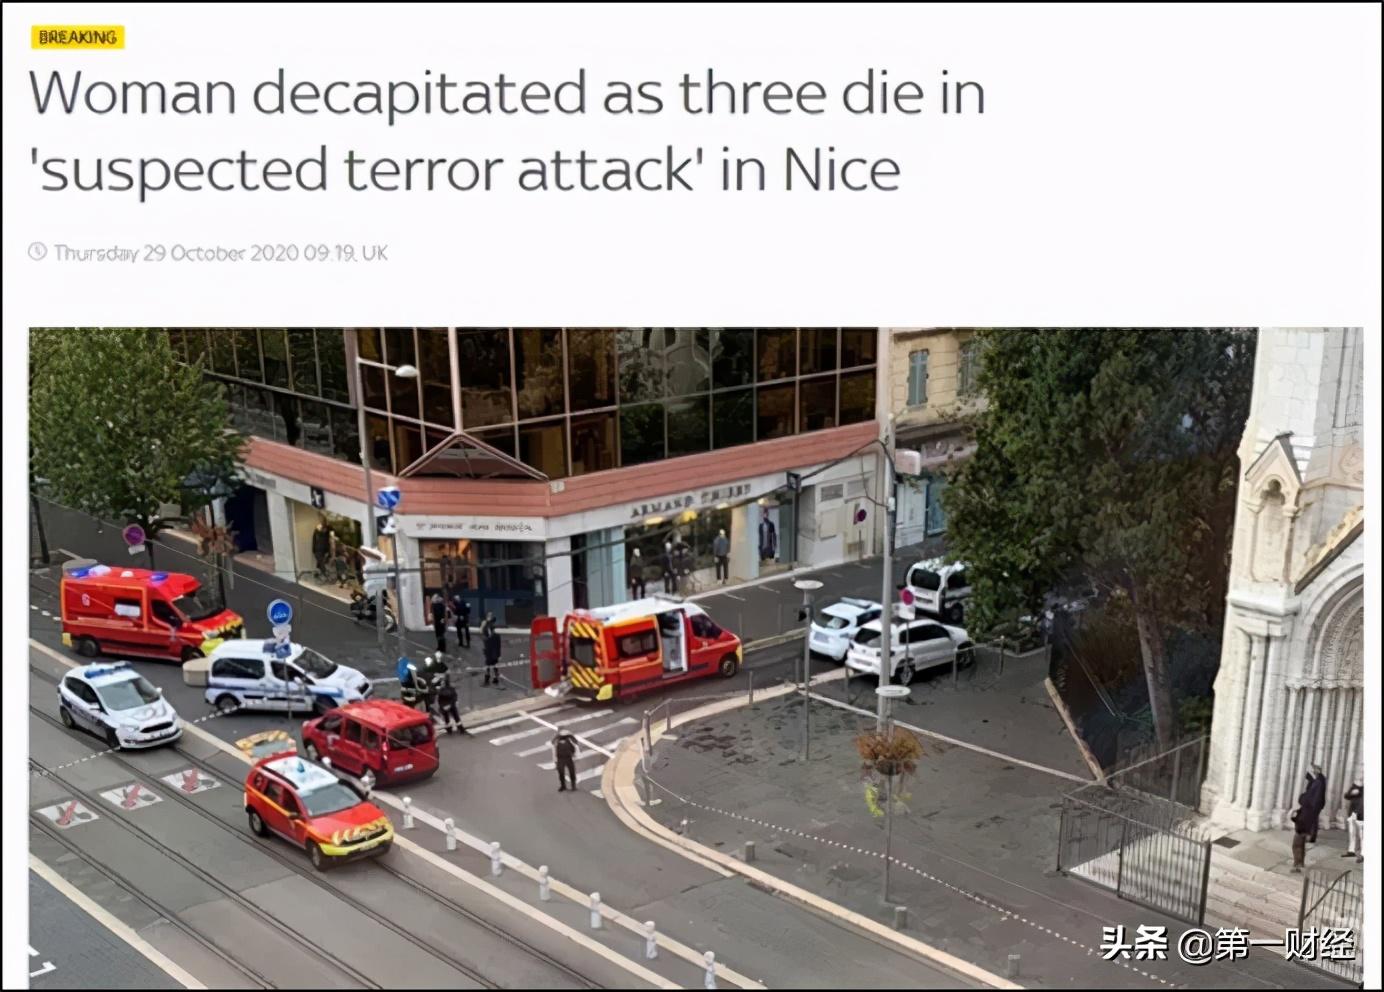 马克龙震怒!尼斯教堂恐袭已致3死,有人被斩首!全法反恐警戒级别提升至最高   早报